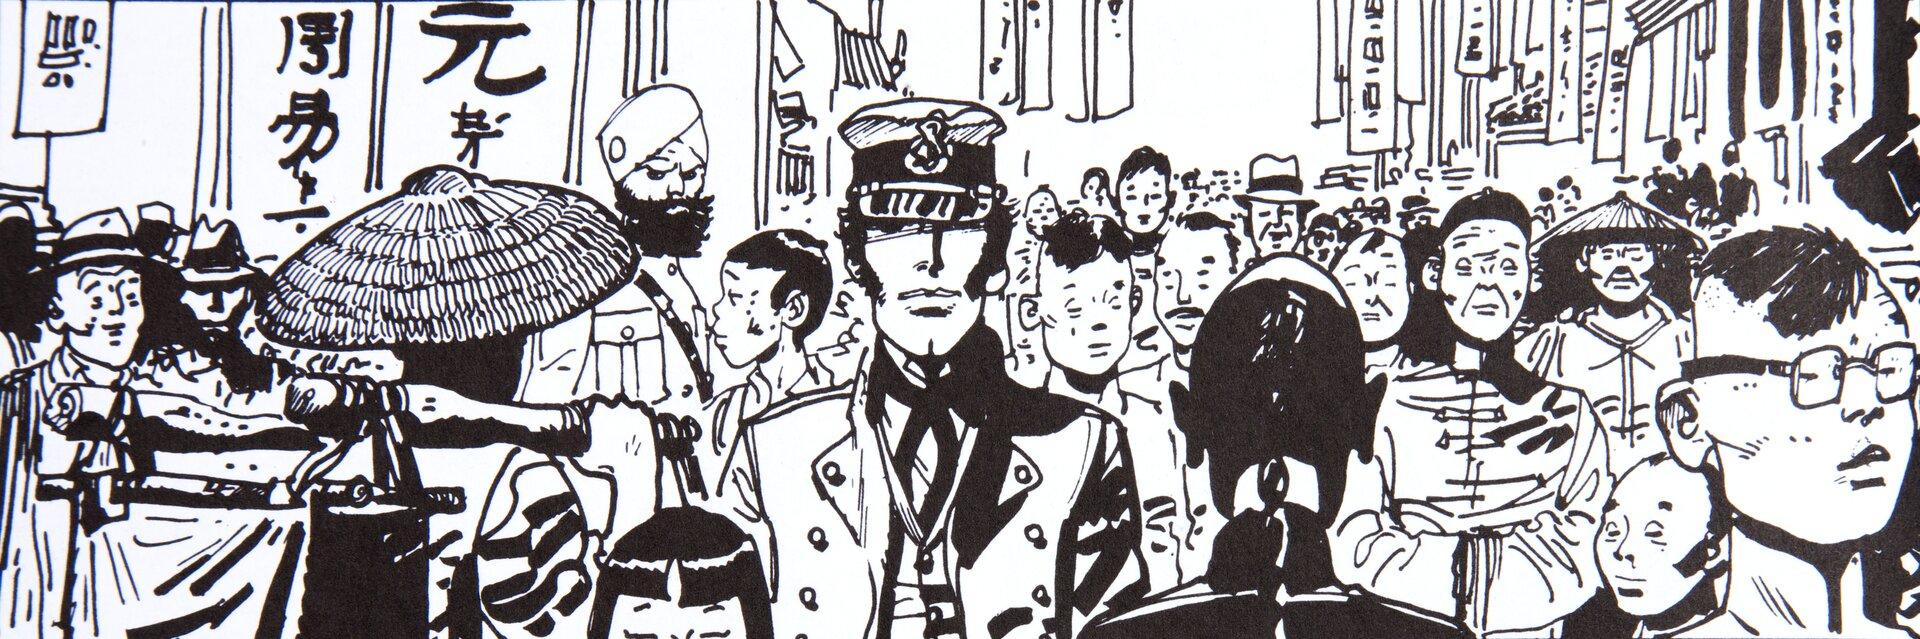 """Ilustracja przedstawia scenę zkomiksu Hugo Pratta """"Corto Maltese. Na Syberii"""". Scena ukazuje tłum ludzi różnej narodowości irasy. Najprawdopodobniej jest to Hong Kong. Pośrodku znajduje się tytułowy Corto Maltese. Bohater ma na sobie marynarski strój, to jest białą czapkę zdaszkiem imundur. Scena usytuowana jest pomiędzy budynkami, na których wiszą billboardy zchińskimi napisami."""